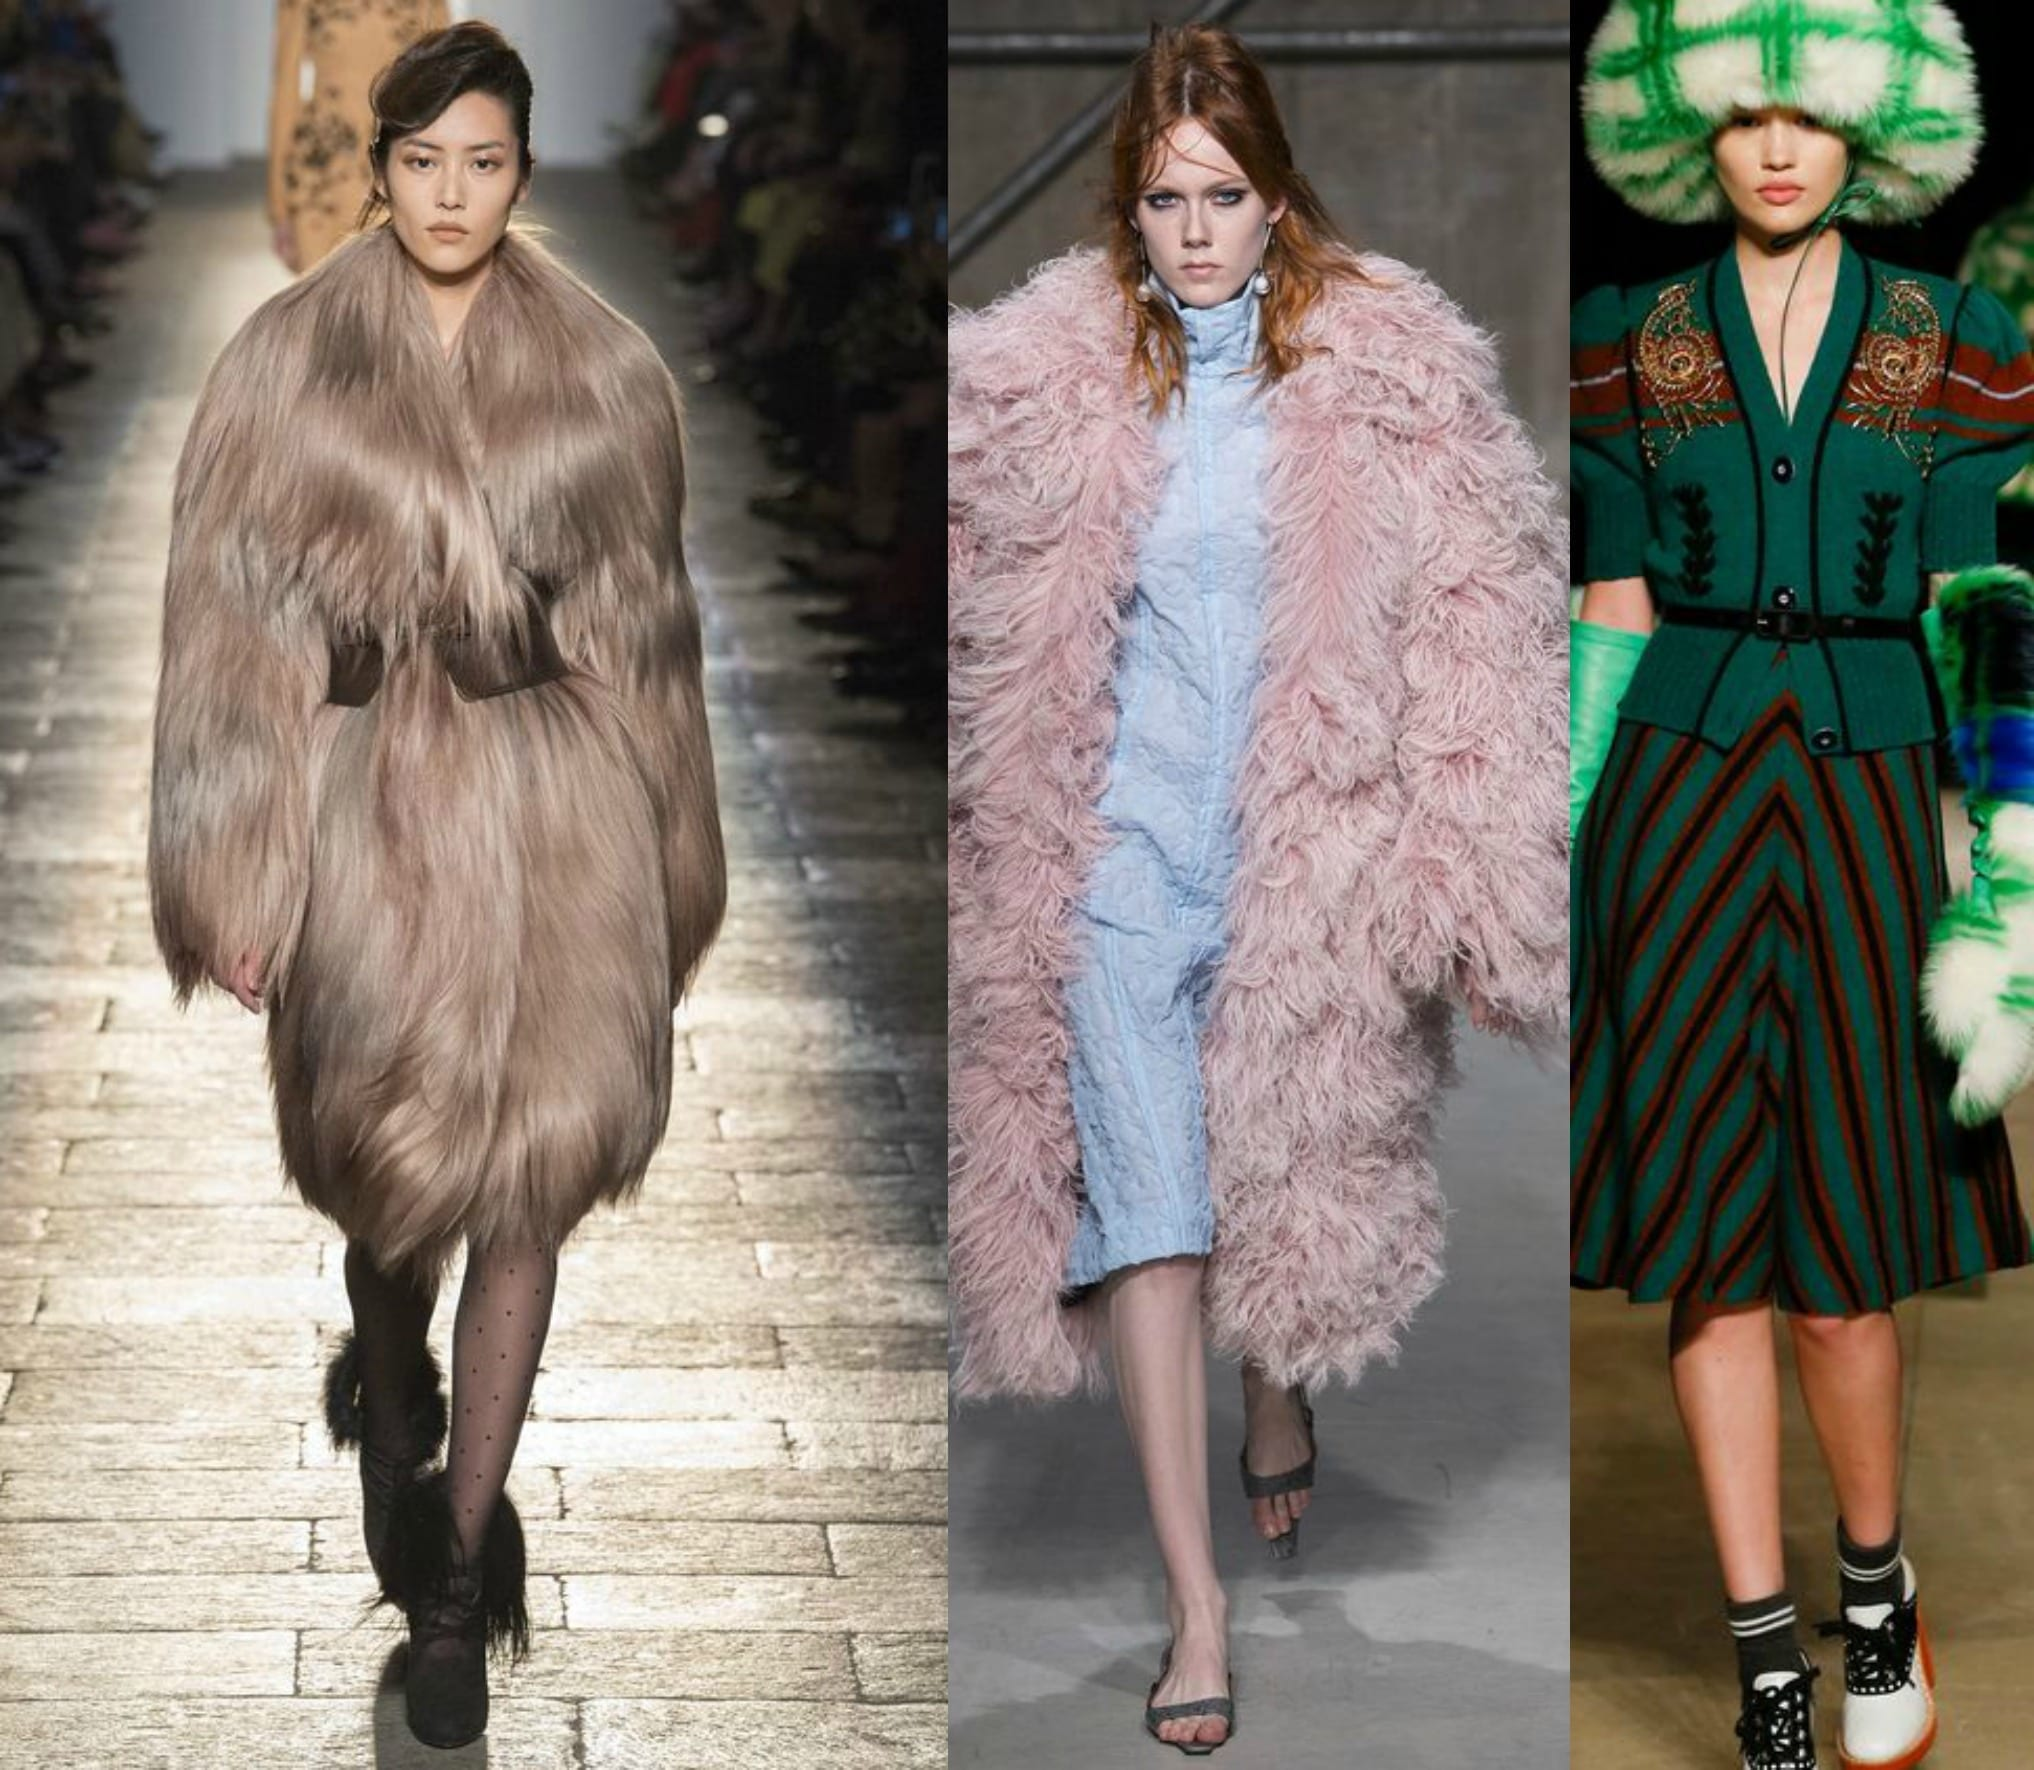 Come ci vestiremo questo inverno, theladycracy.it, tendenze autunno inverno 2017-18, tendenze moda autunno inverno 2017-18, cosa va di moda oggi, come vestirsi a settembre, cosa mi metto domani, fashion blog, fashion blogger 2017